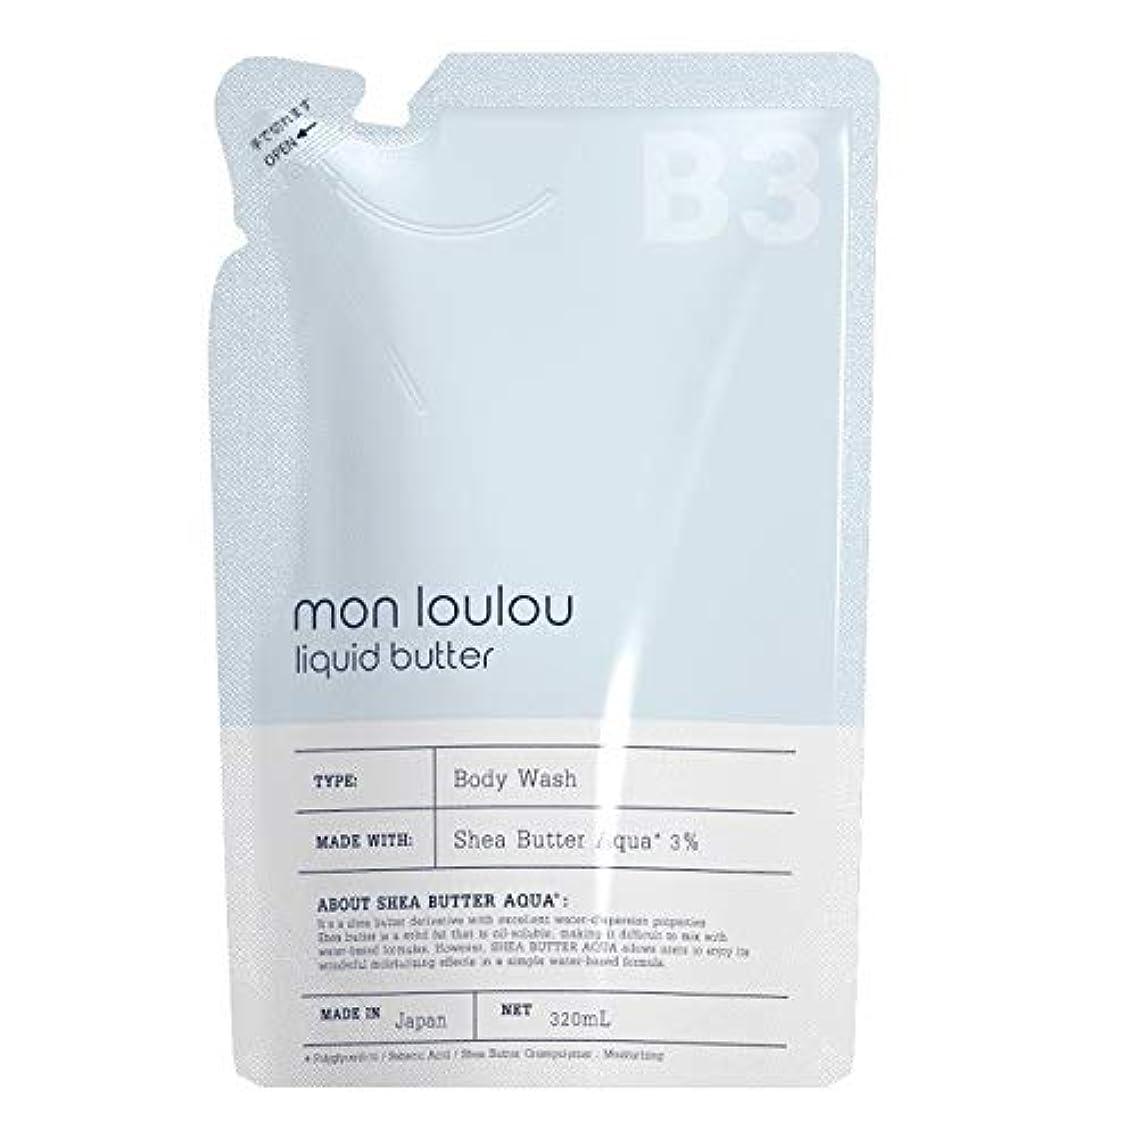 同意する胆嚢息苦しいモンルル3% ボディウォッシュ 詰替 320mL